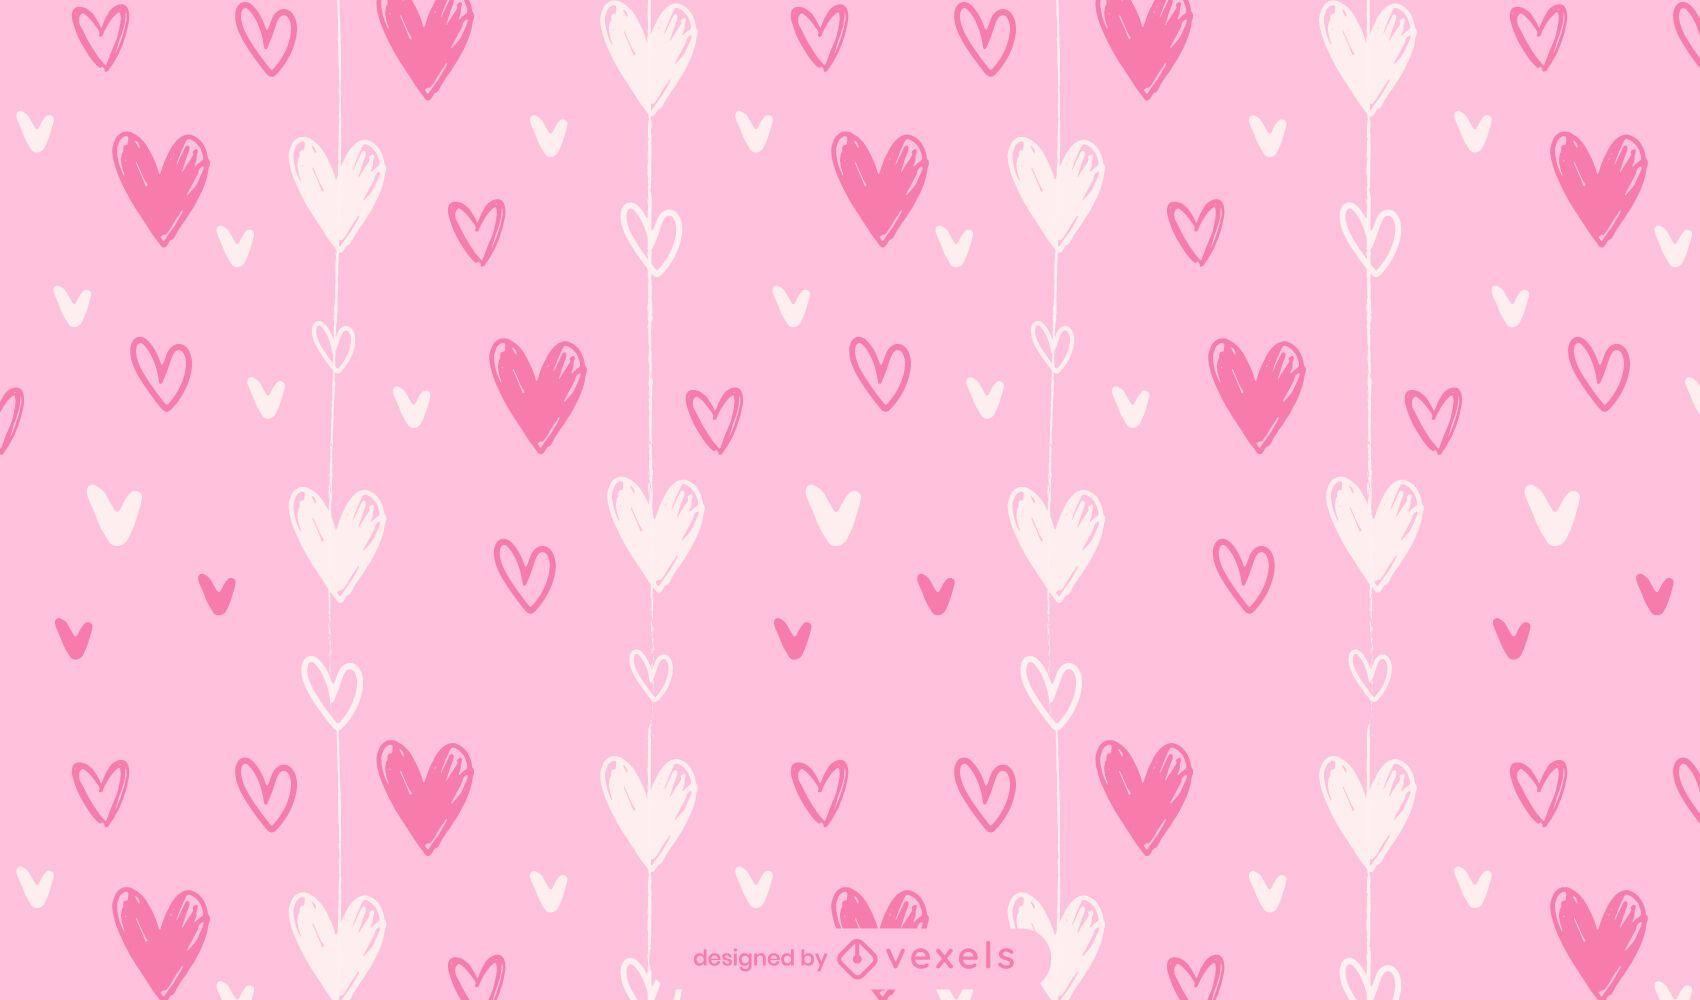 Valentine's day hearts pattern design